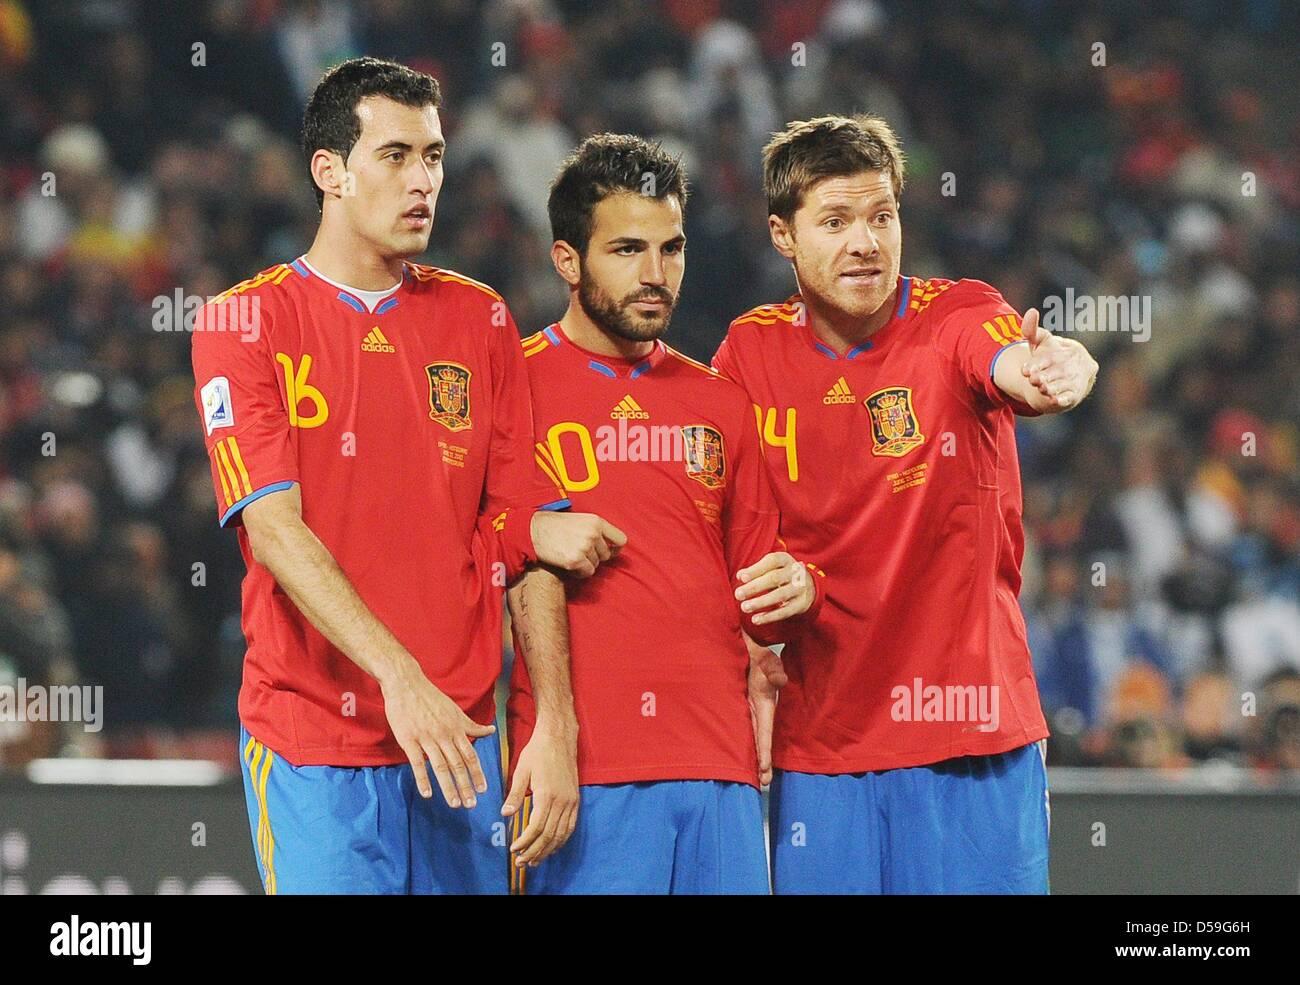 ¿Cuánto mide Gerard Piqué? - Altura - Real height Espana-es-sergio-busquets-cesc-fabregas-y-xabi-alonso-durante-la-copa-mundial-de-la-fifa-2010-grupo-h-partido-entre-espana-y-honduras-en-el-ellis-park-stadium-de-johannesburgo-sudafrica-21-de-junio-de-2010-foto-achim-scheidemann-consulte-httpdpaqdefifa-wm2010-tc-d59g6h